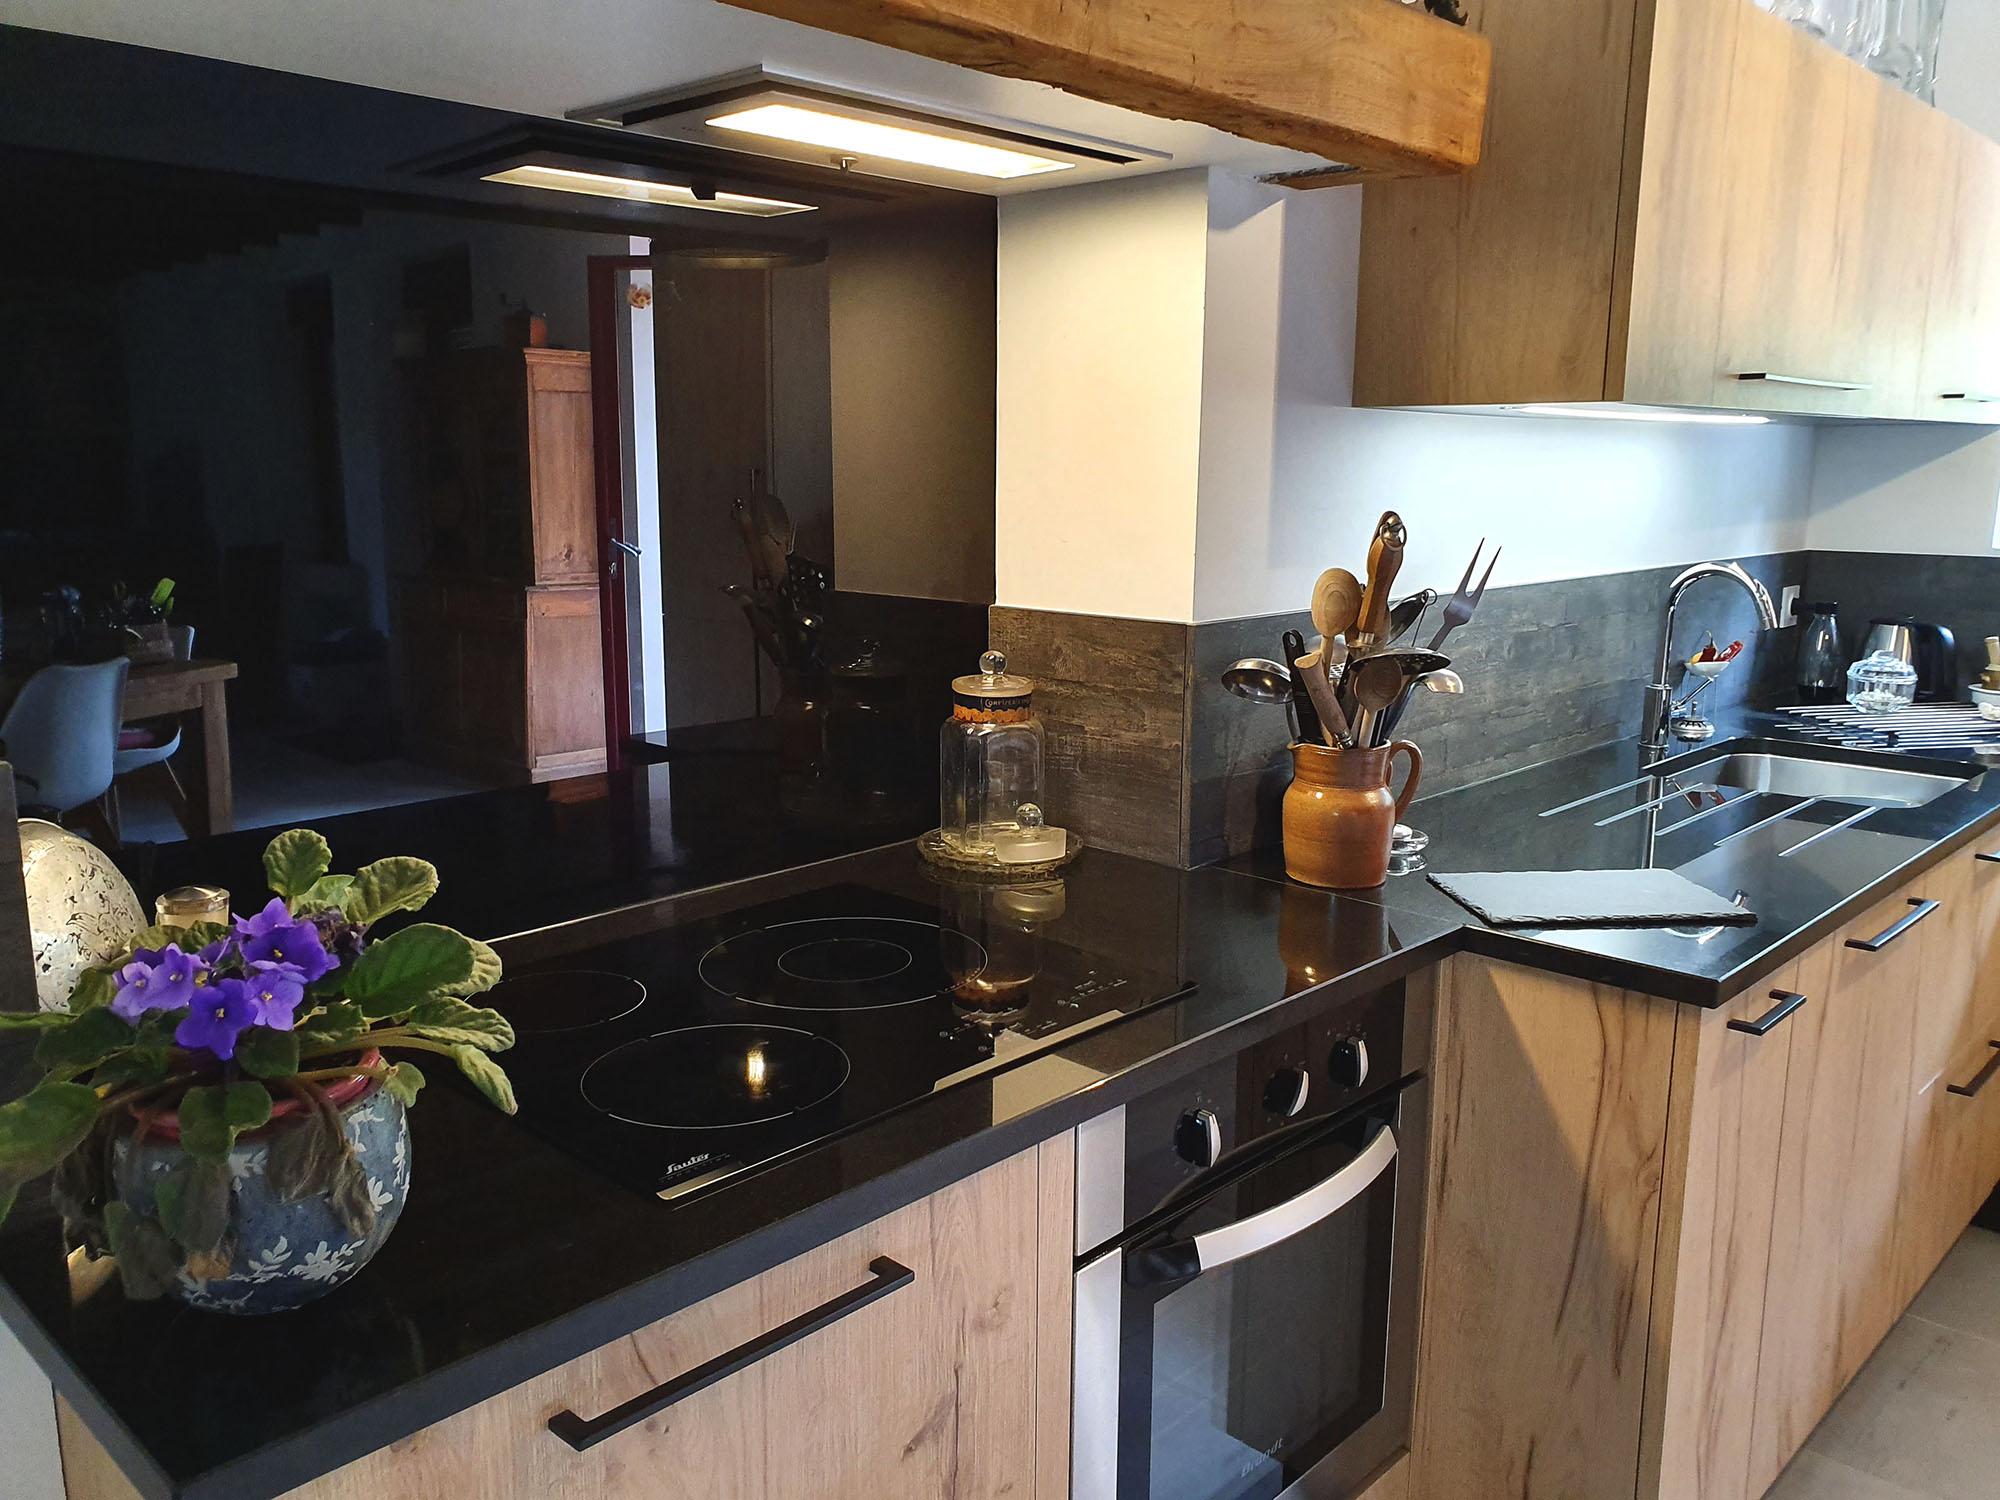 Plaque de cuisson induction 3 foyer et hotte encastrée dans le meuble haut